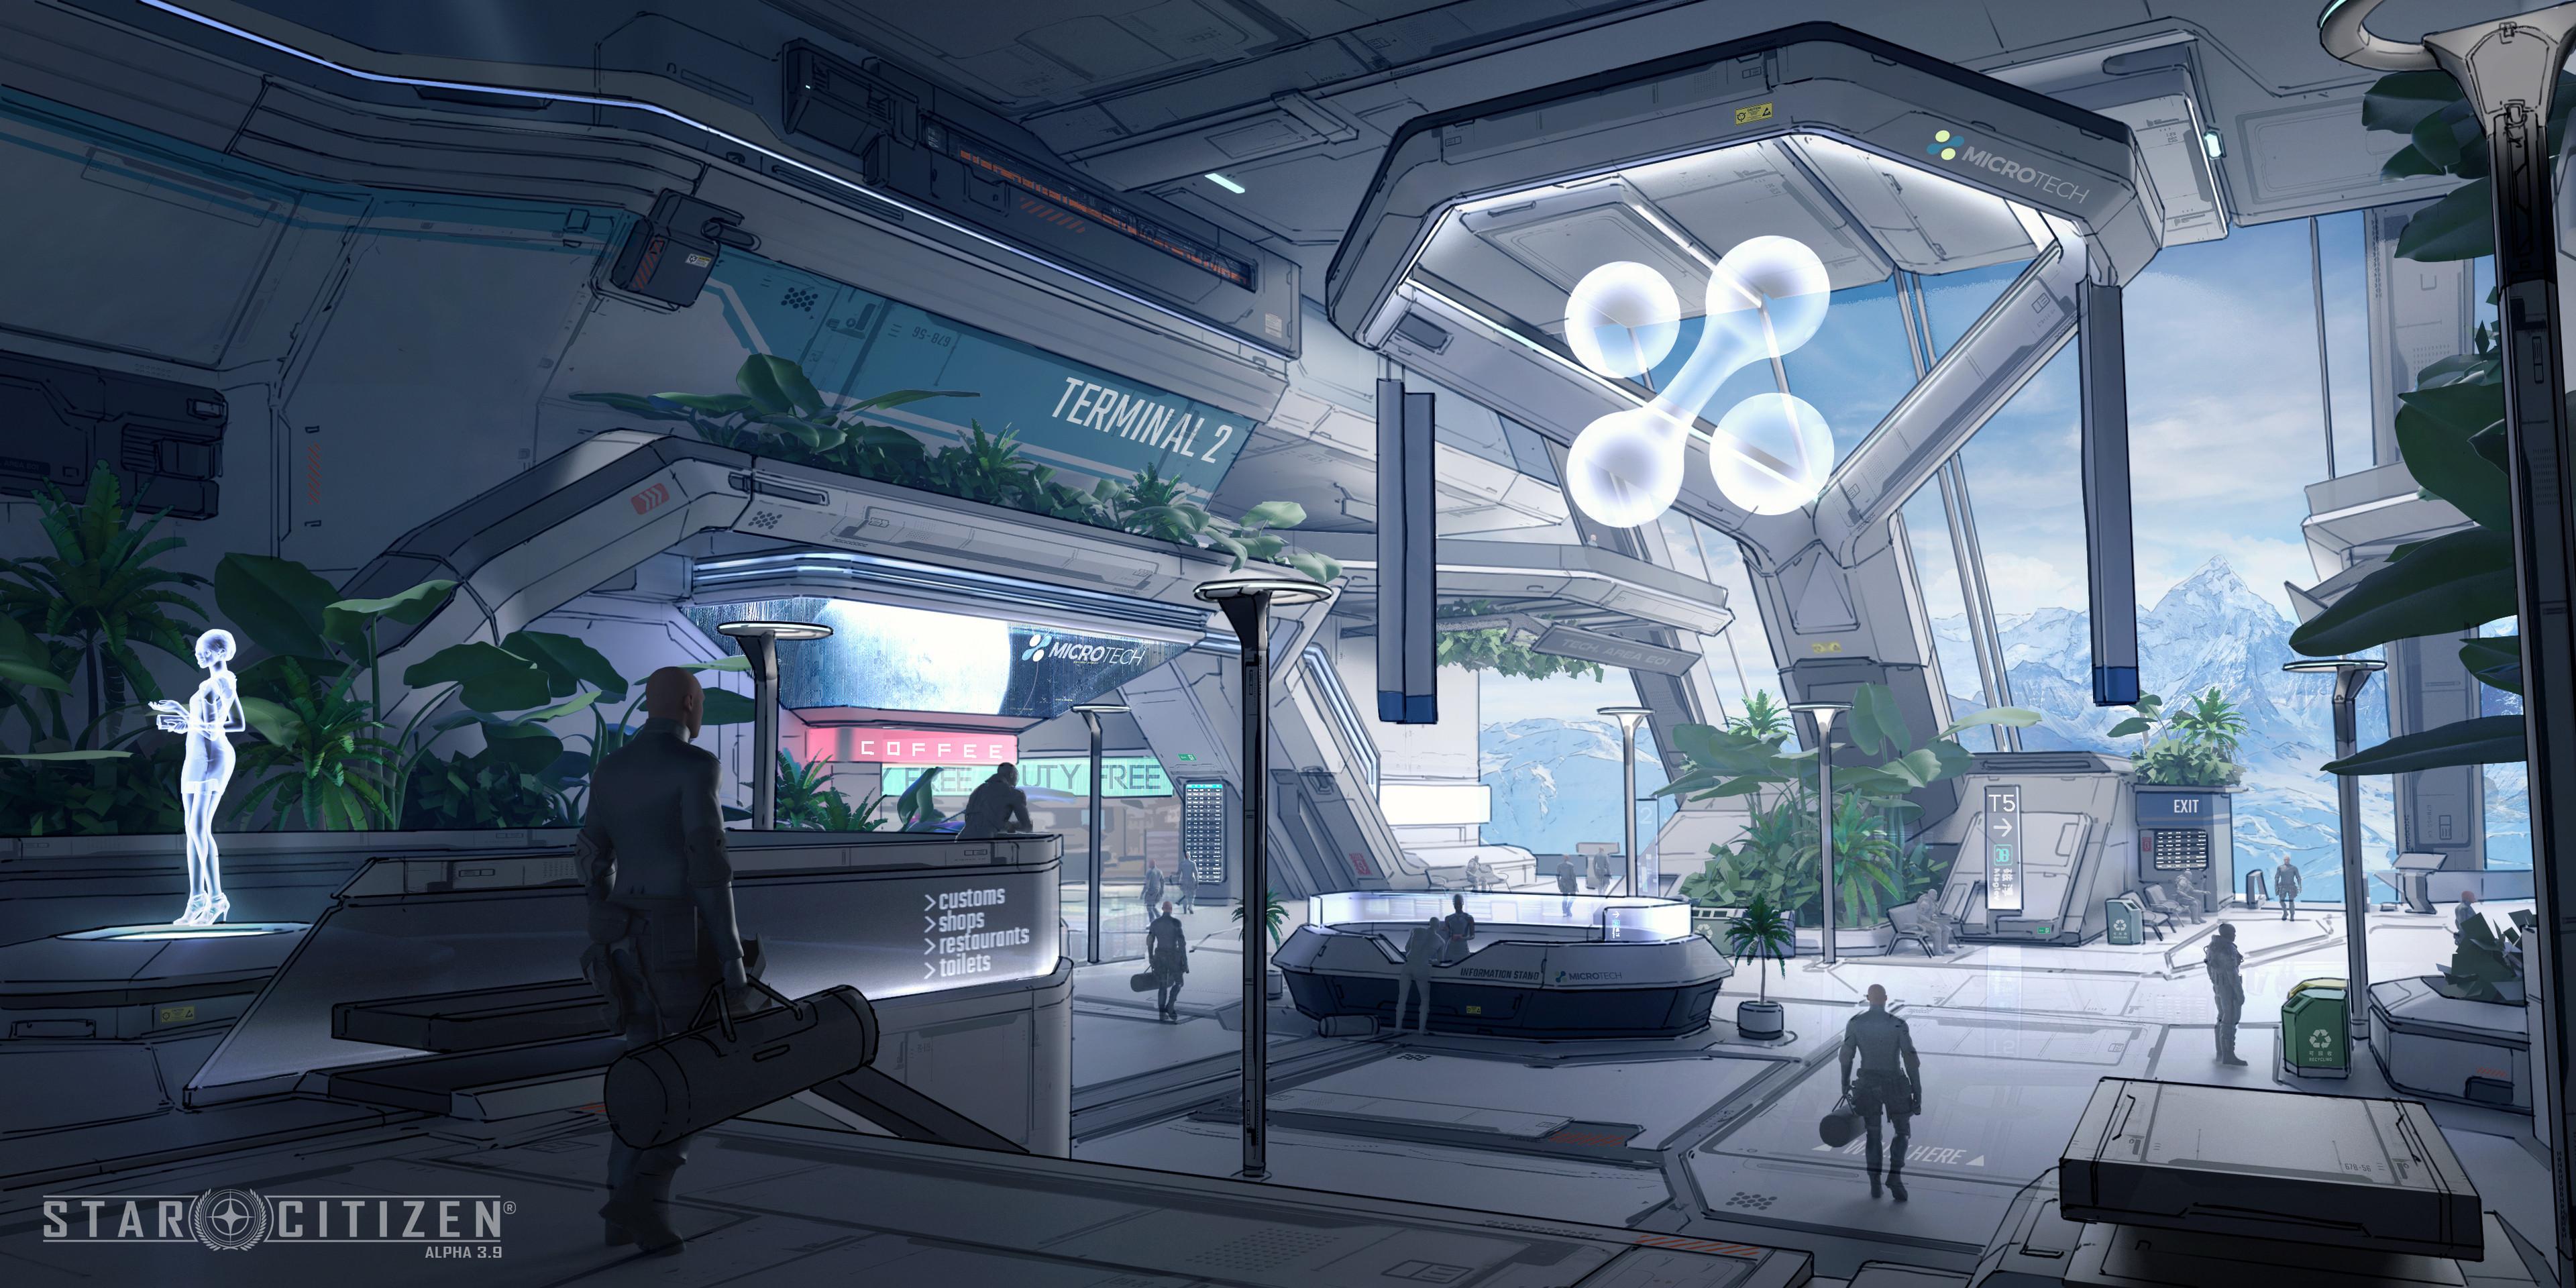 spaceport interior